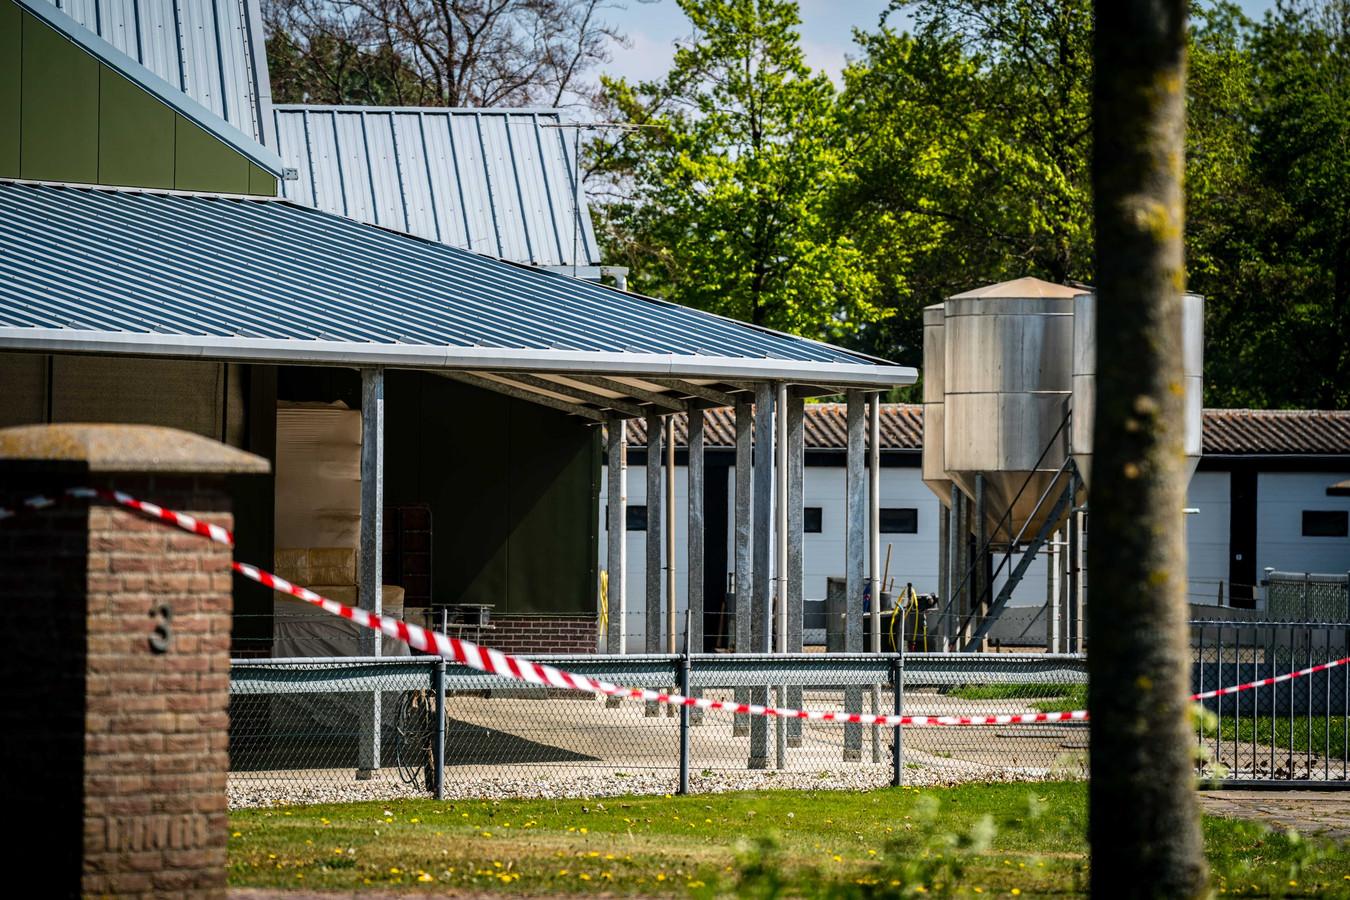 Linten bij de nertsenhouderij in Beek en Donk. De boerderij werd gesloten nadat bleek dat dieren besmet waren geraakt met het coronavirus.